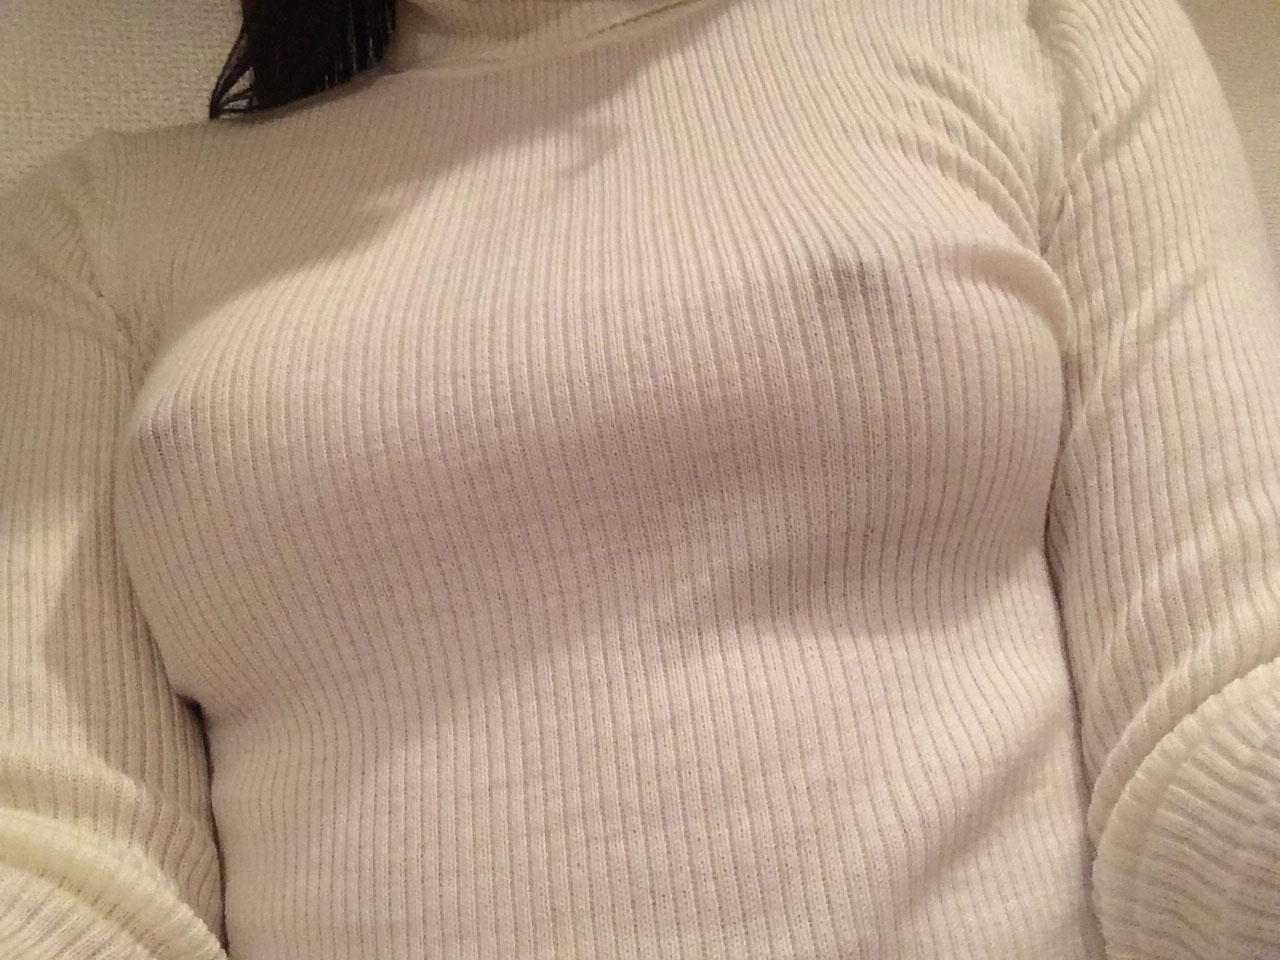 【おっぱい】ブラなしで乳首が立ってしまうとポチるのは当然でしたwww【31枚】 28